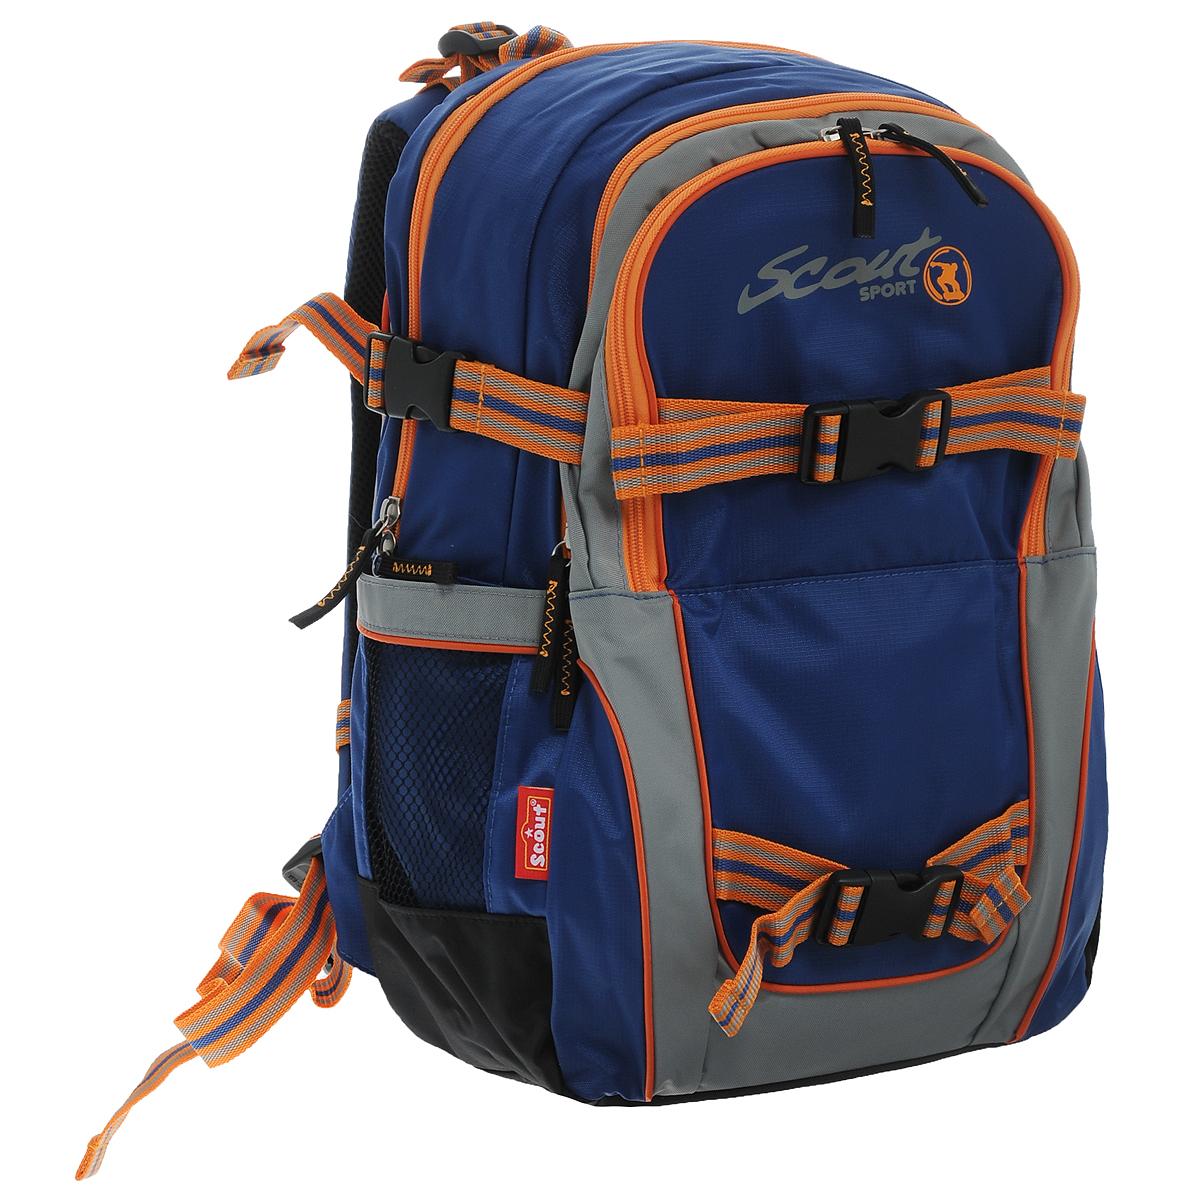 Рюкзак Scout Backpack Skate, цвет: синий, оранжевый257700-070Рюкзак Scout Backpack Skate сочетает в себе современный дизайн, функциональность и долговечность и является отличной находкой для любителей уличного спорта. Рюкзак выполнен из прочного текстильного материала синего и оранжевого цветов и состоит из двух вместительных отделений, закрывающихся на застежки-молнии с двумя бегунками. На лицевой стороне рюкзака расположен внешний накладной карман, закрывающийся на застежку-молнию. Внутри него находится мягкий кармашек для телефона, закрывающийся хлястиком на липучке. Бегунки на застежках дополнены удобными держателями из текстильного шнура. Также на лицевой стороне рюкзака сверху и снизу расположены крепления в виде текстильных ремней с пластиковыми карабинами. С помощью них к рюкзаку можно прикрепить скейтборд, куртку или многое другое. По бокам расположены регулируемые ремни сжатия для более жесткой фиксации отделений и равномерного распределения нагрузки, а также два внешних сетчатых кармана. Мягкая набивка...